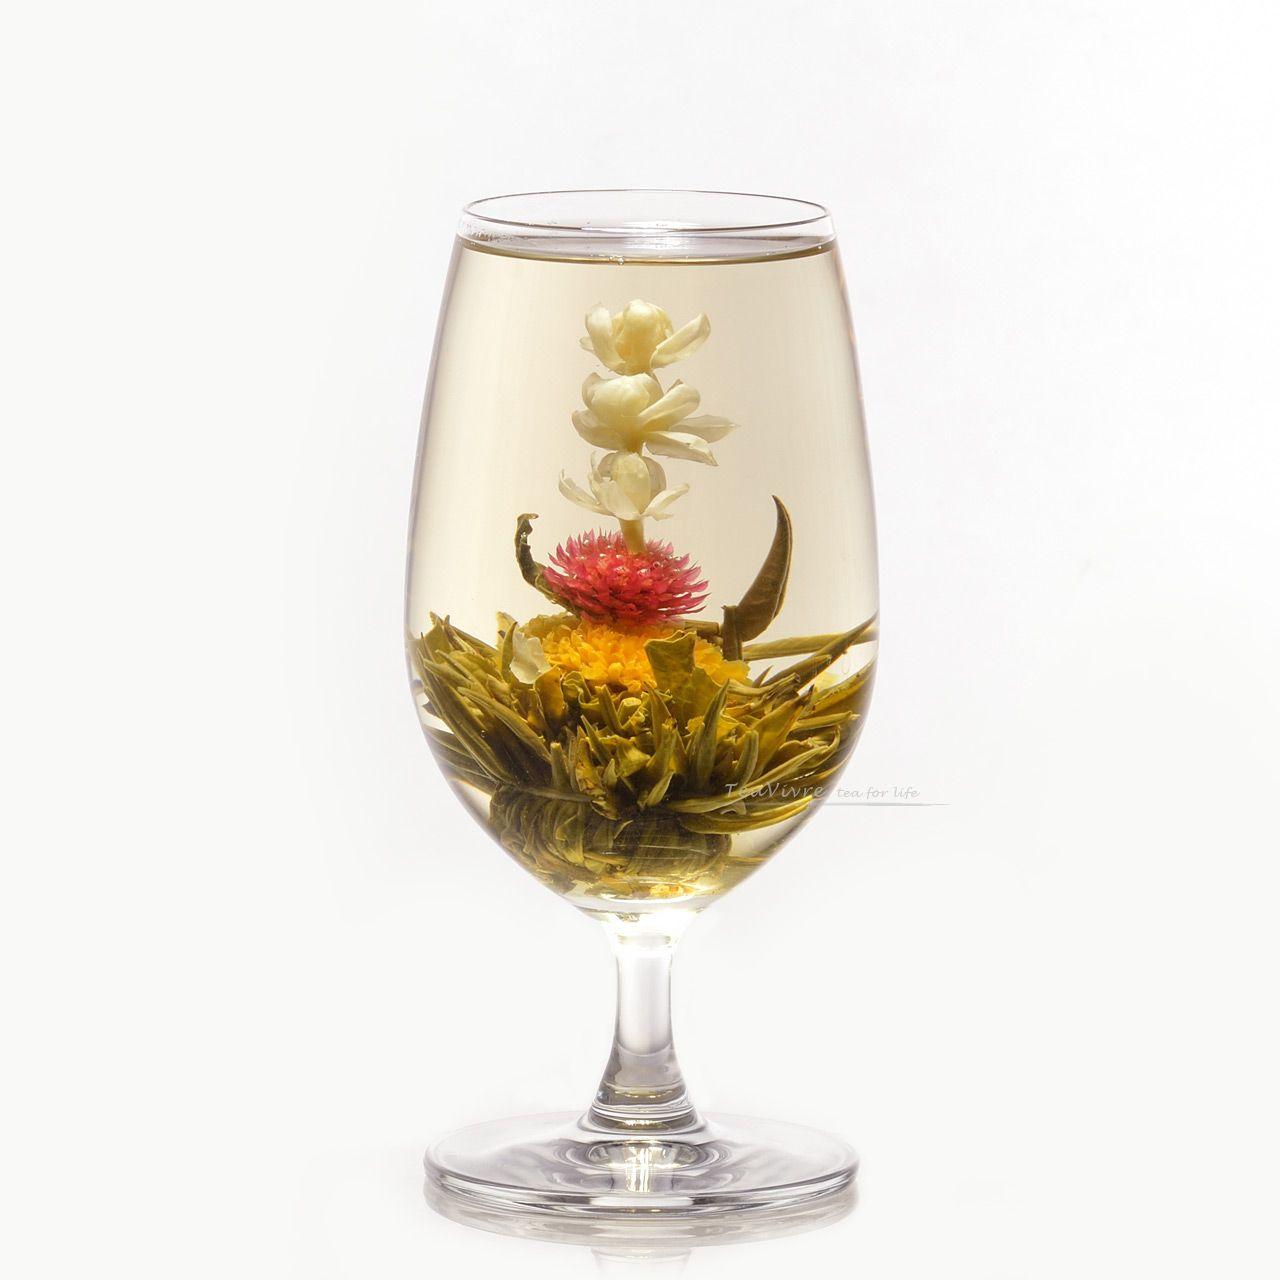 Mixed Flower Teas. (teavivre, 2015)